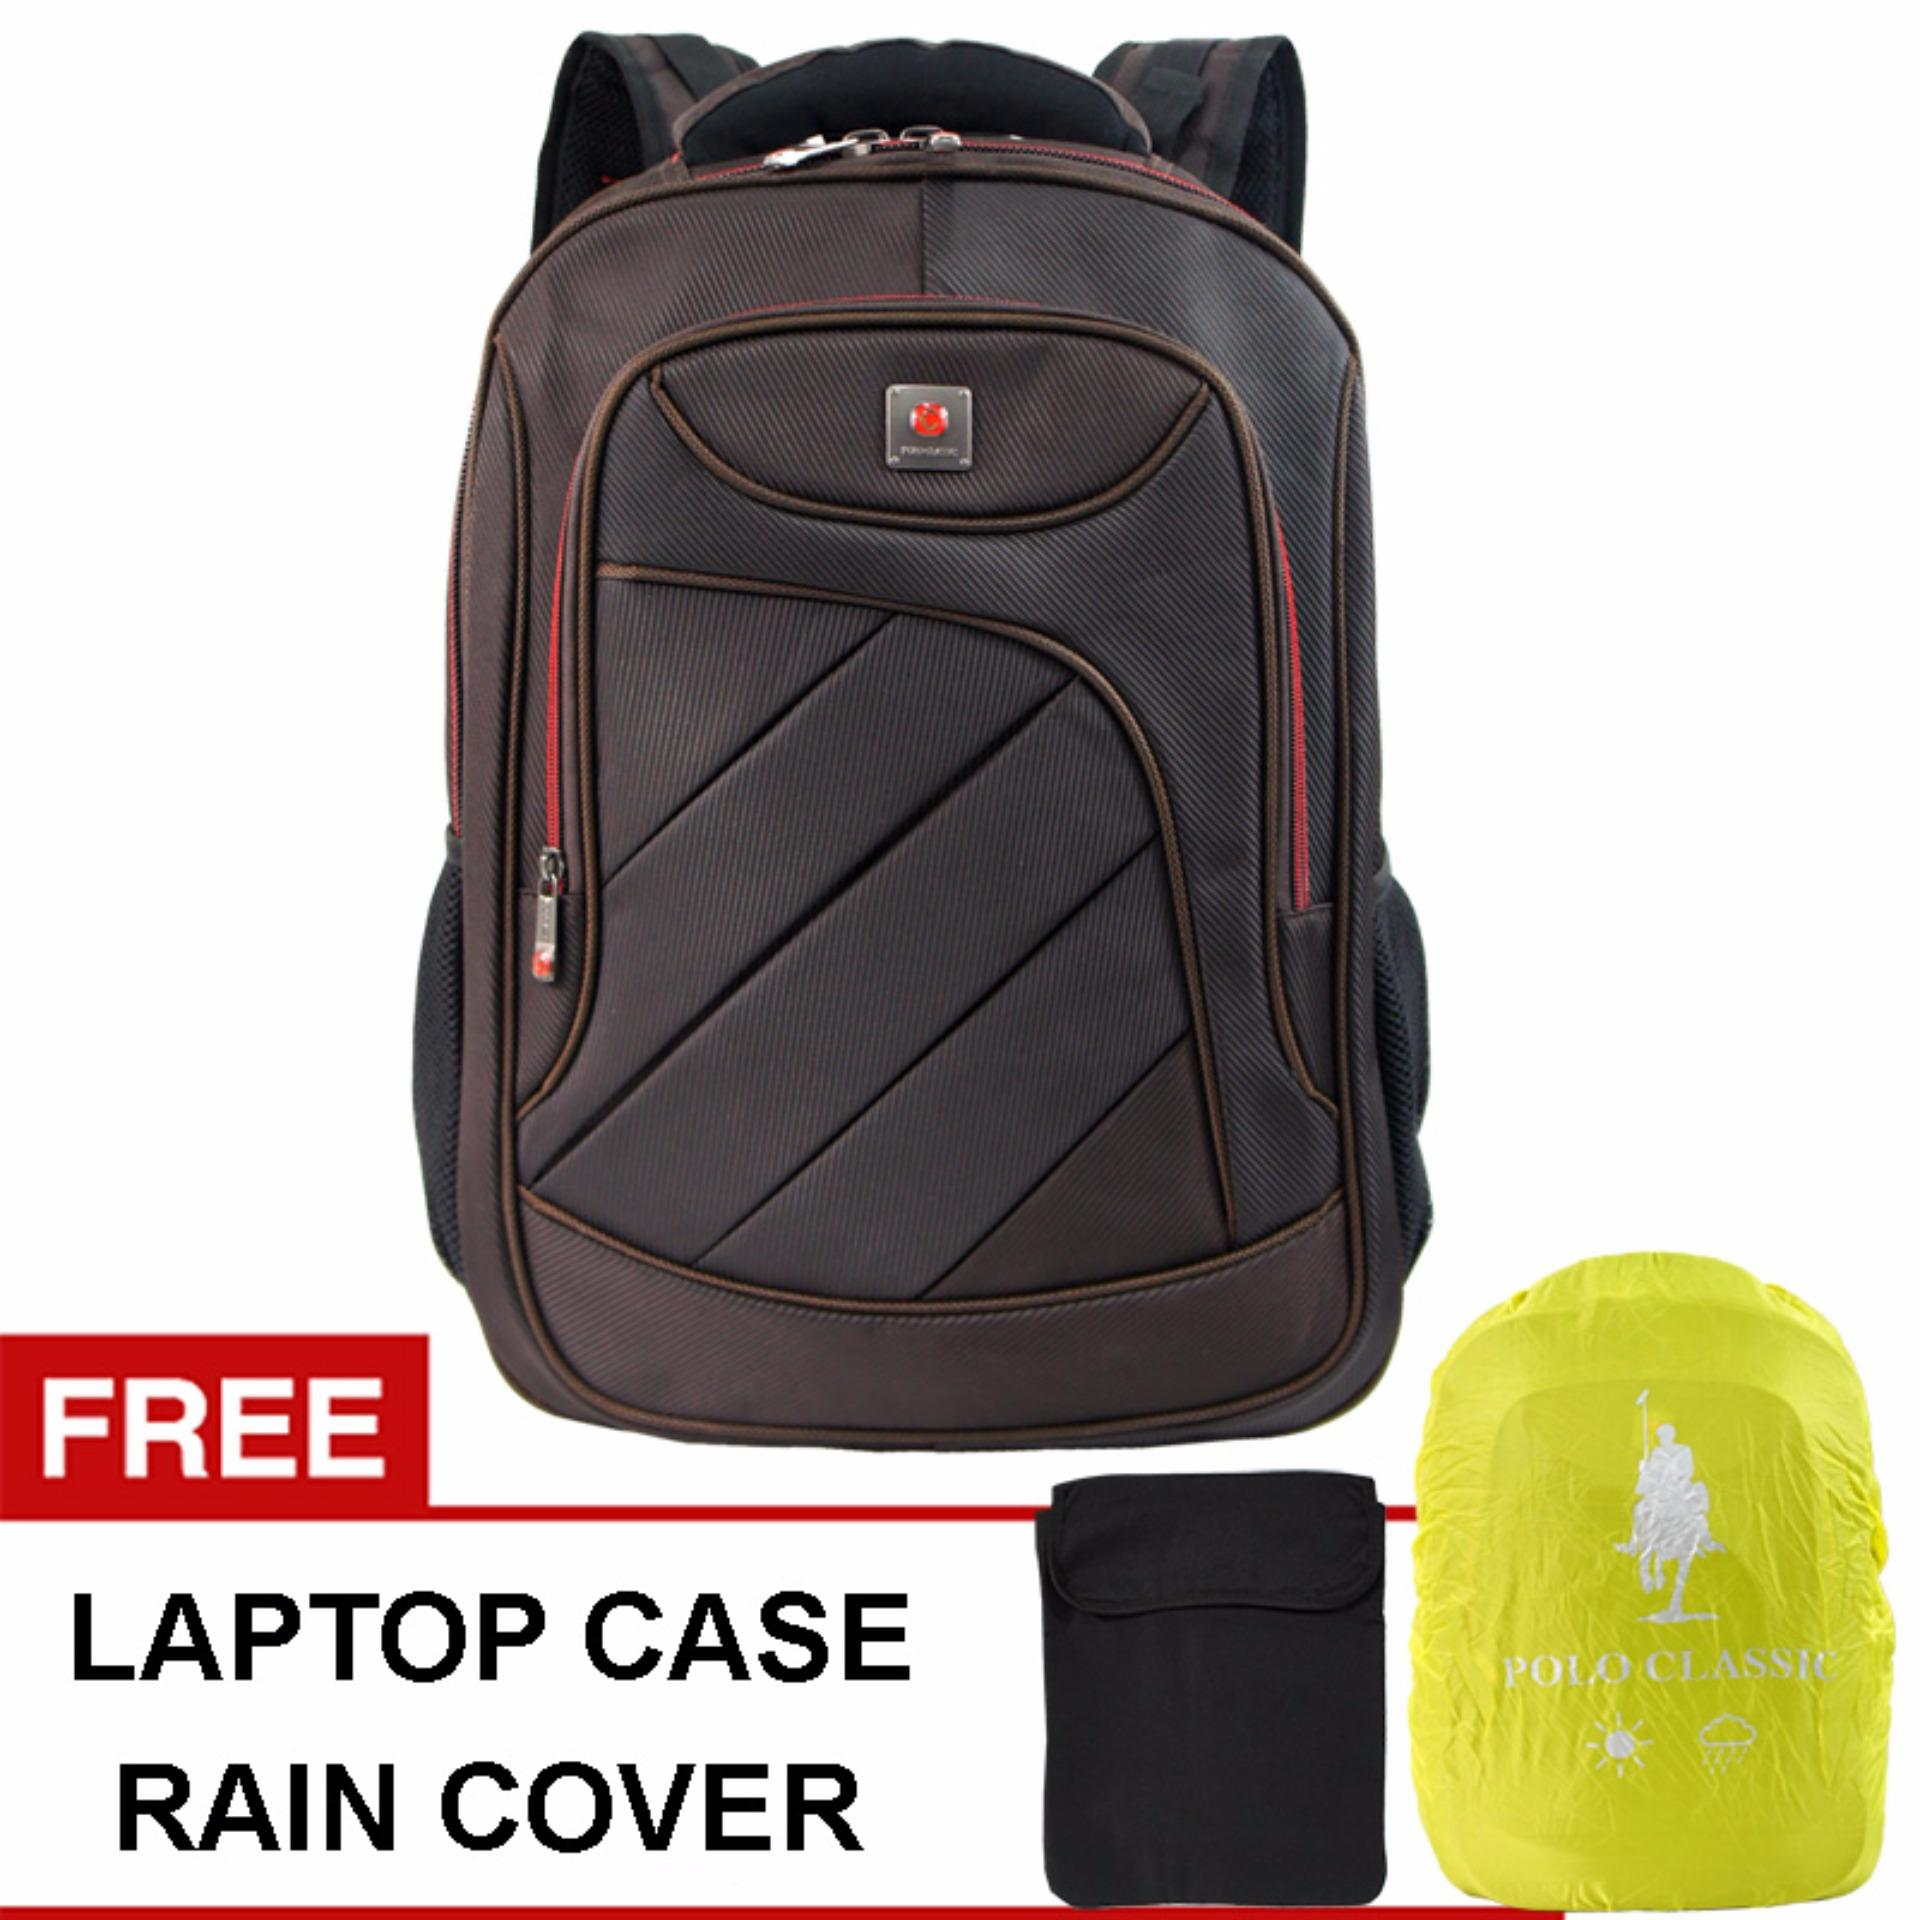 Jual Polo Classic 18076 21 Backpack Rain Cover Coffee Tas Ransel Tas Sekolah Tas Pria Tas Wanita Murah Di Dki Jakarta